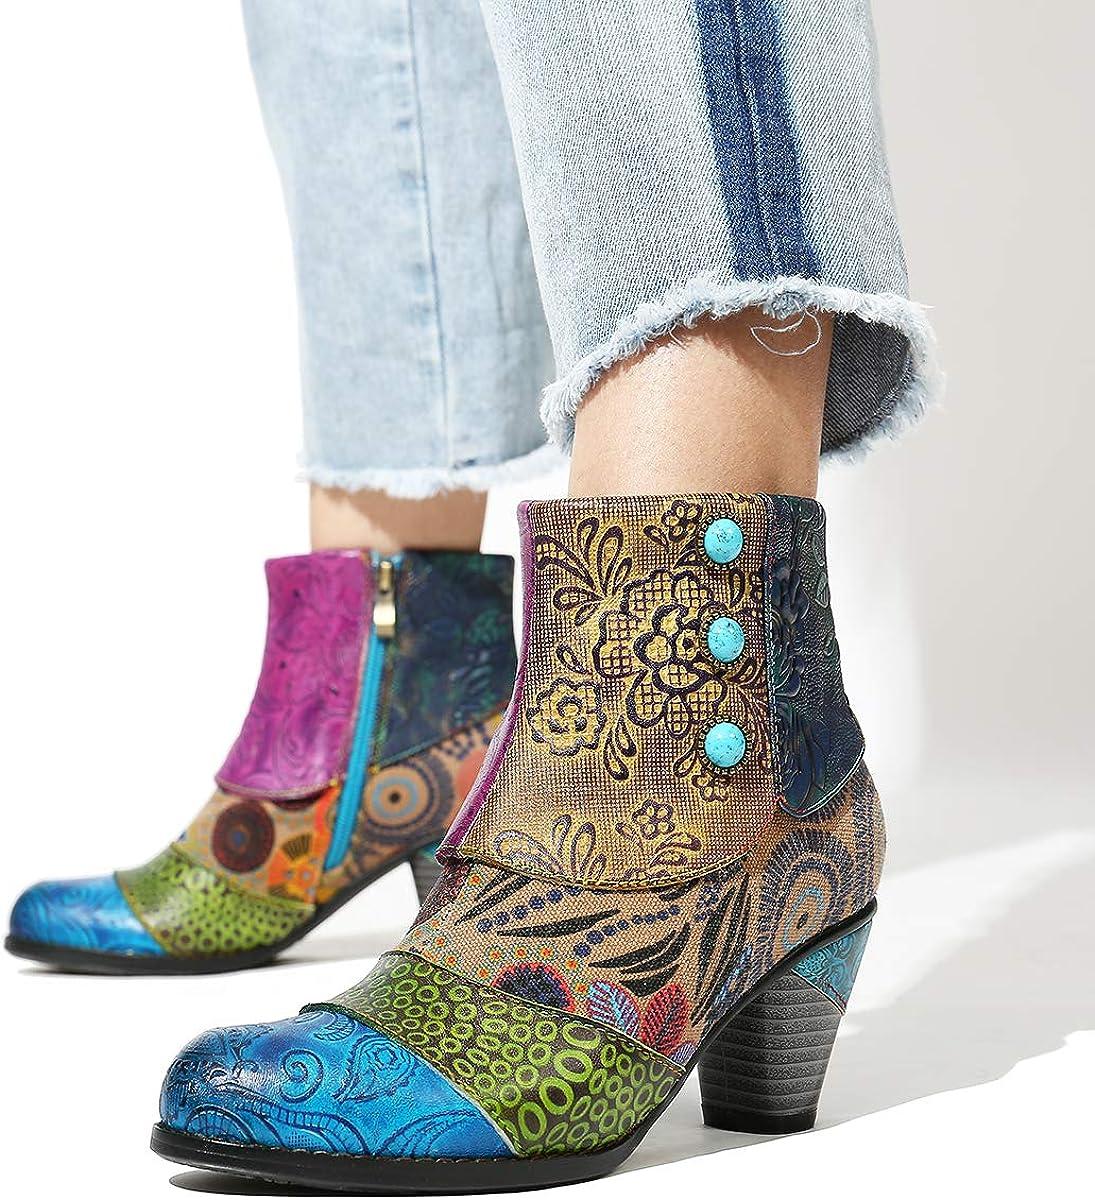 Camfosy Botines Tacones de Cuero, Zapatos de Invierno Tacón Alto Botas Vaqueras cómodas Botas con Cremallera Vestida Color Original Bohemio 2019 Azul vyT93